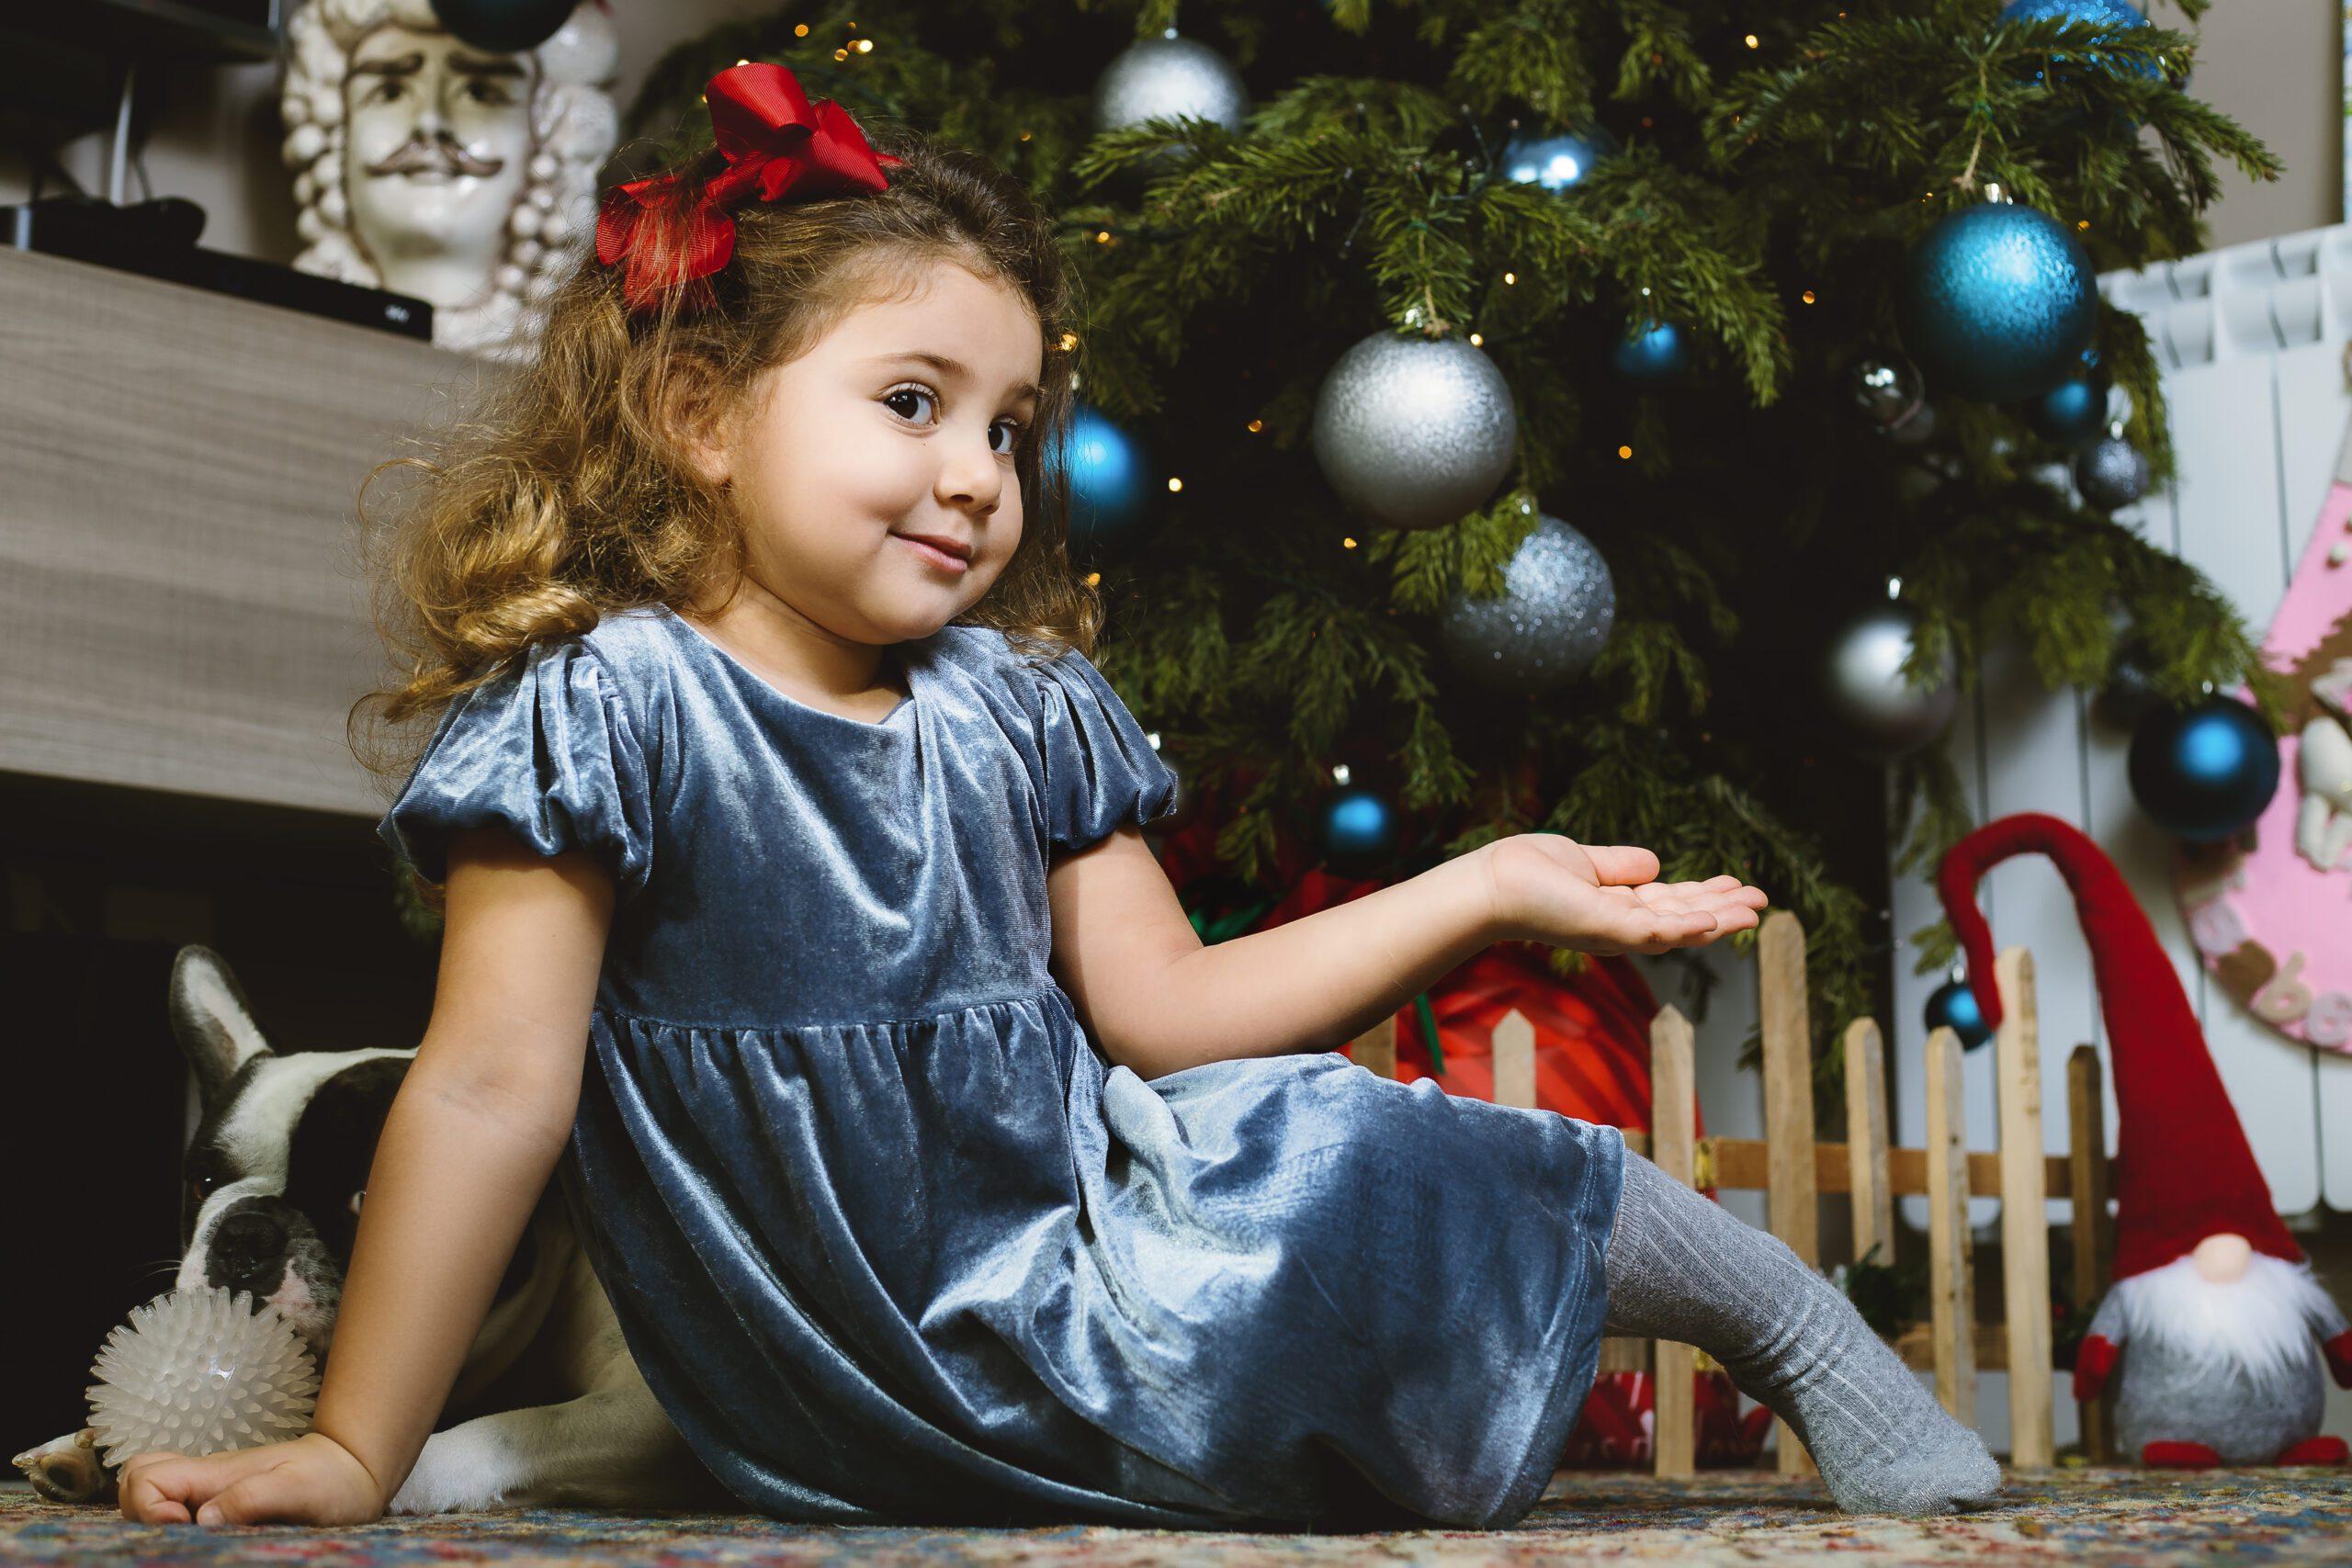 Le foto di Natale di quest'anno